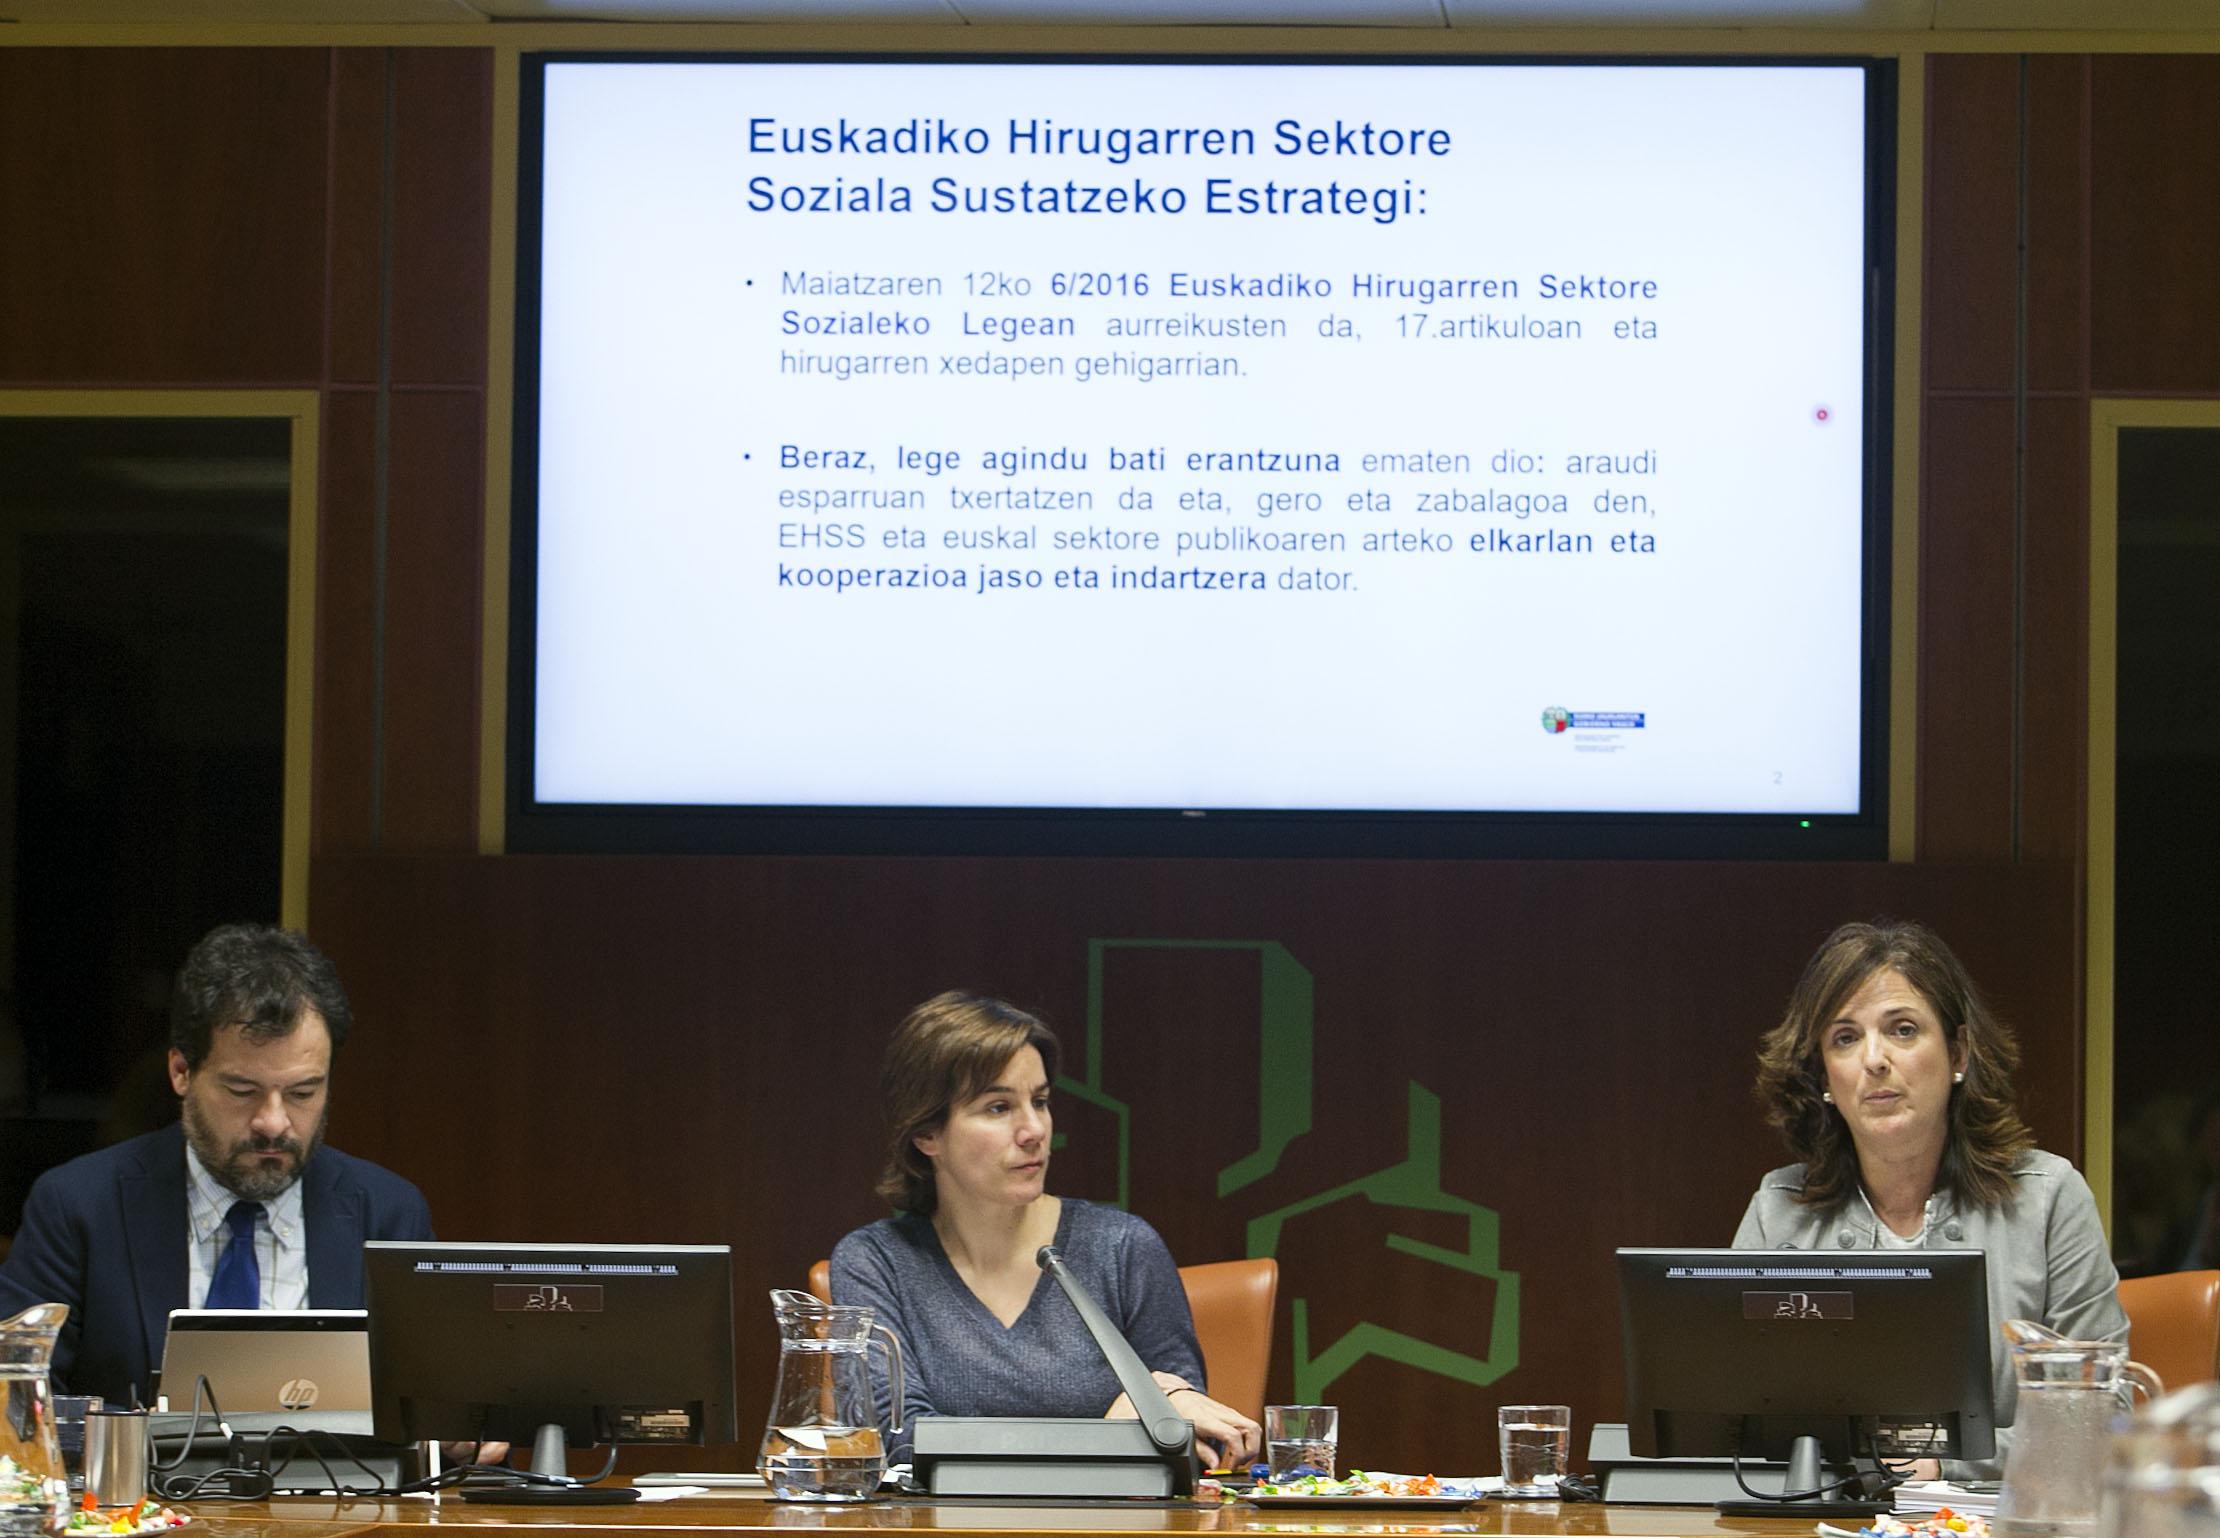 """Artolazabal: """"La  Estrategia de Promoción del Tercer Sector Social aumentará la capacidad vasca ante retos y necesidades de diversos colectivos en la construcción de una sociedad solidaria y cohesionada"""""""